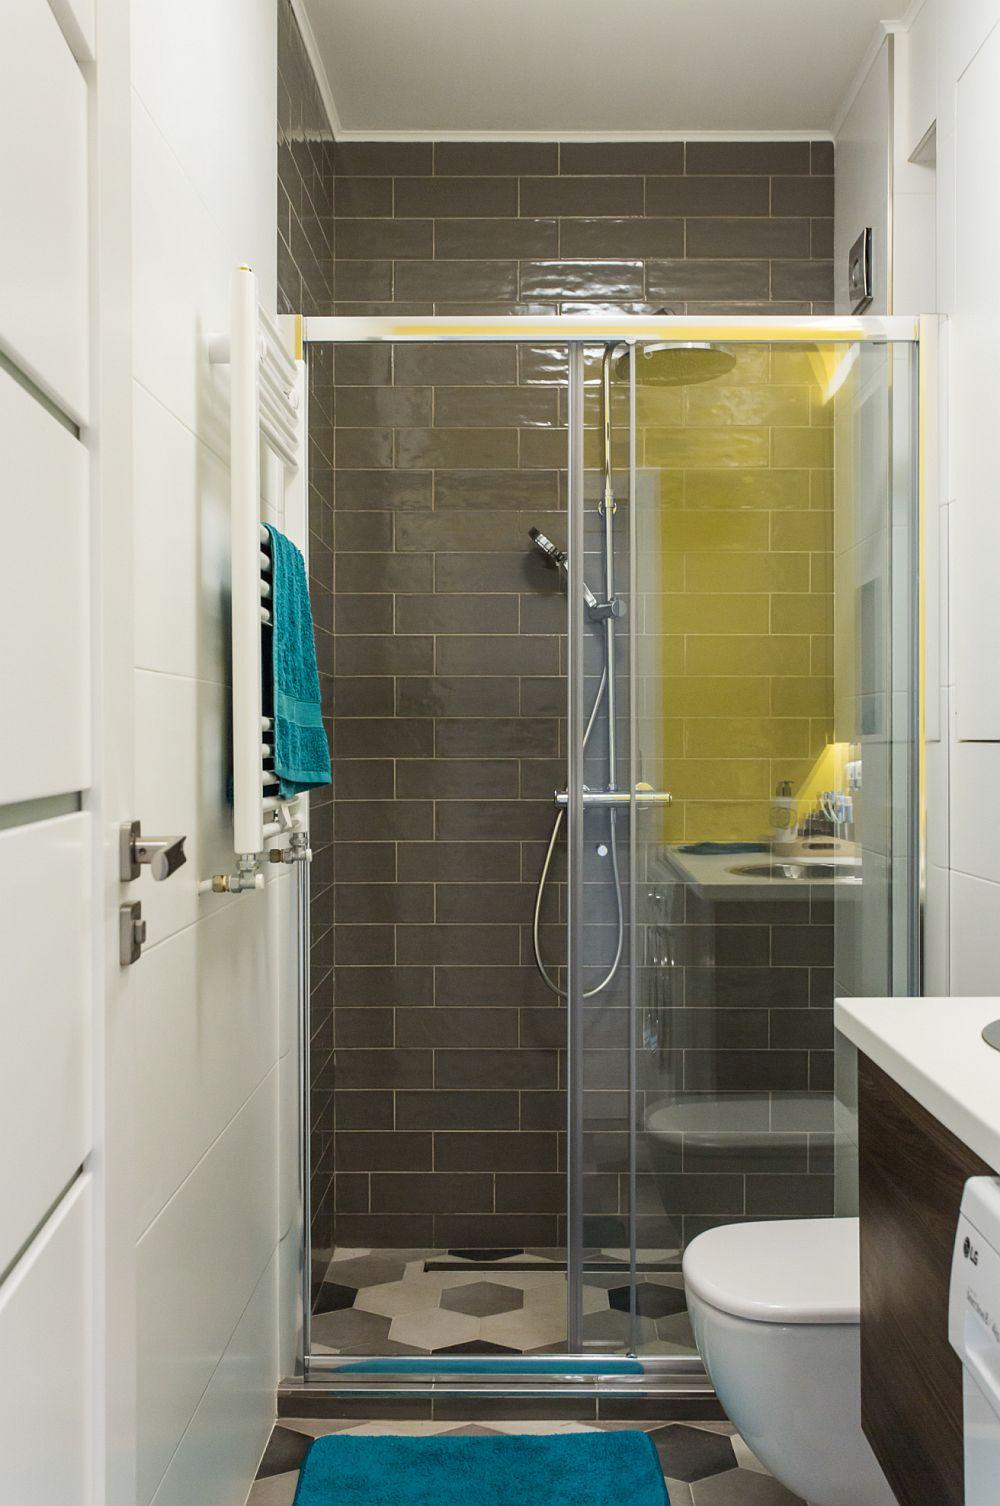 adelaparvu.com despre amenajare apartament 3 camere, 64 mp, Oradea, design interior Davisign, Foto Andreea Iancu (16)